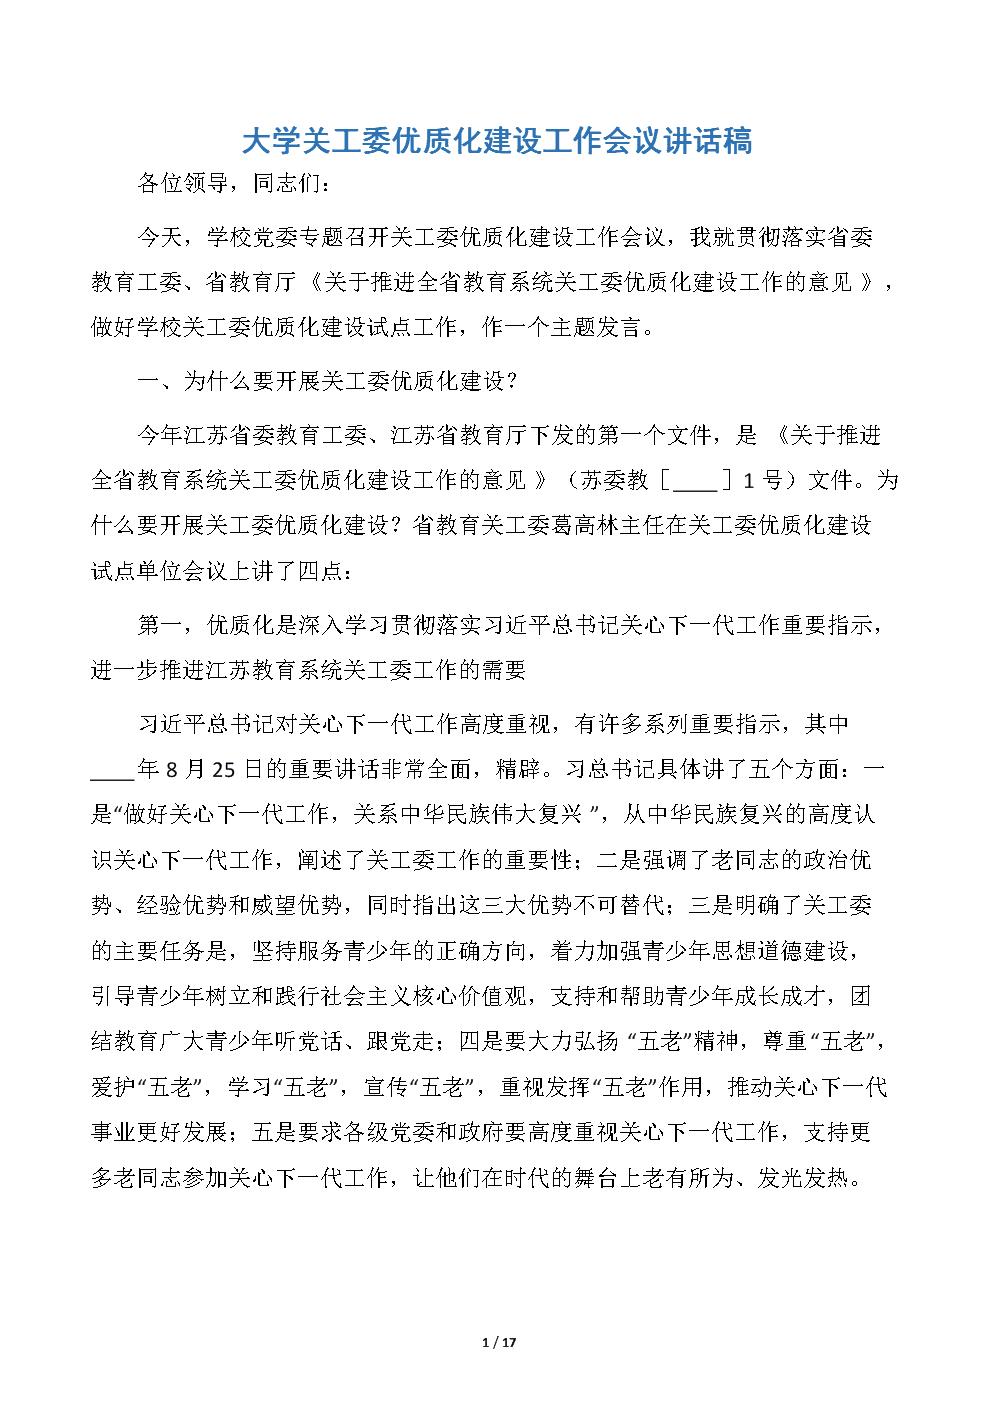 大学关工委优质化建设工作会议讲话稿.docx